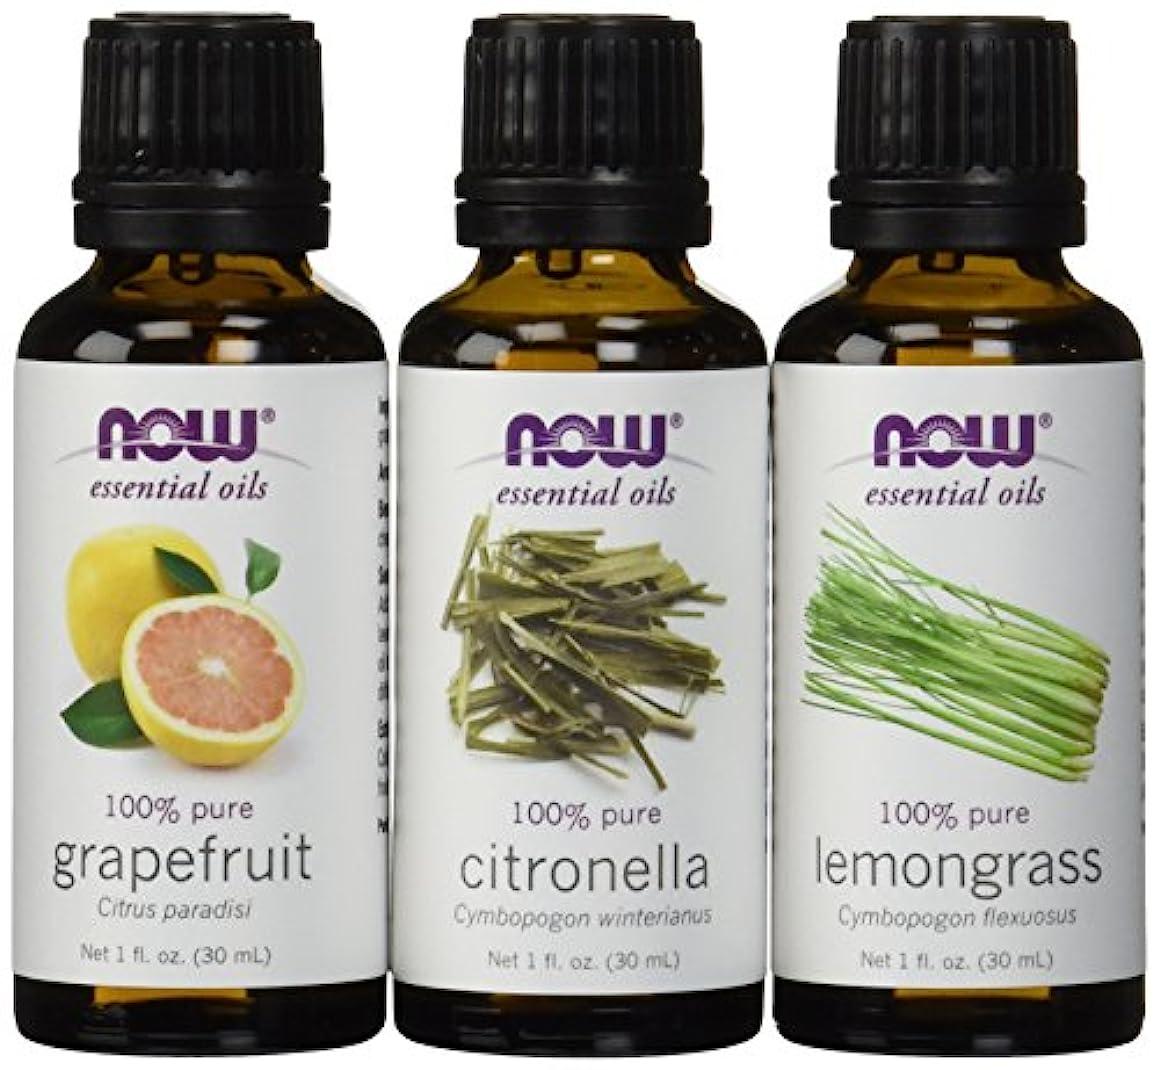 ホバート下線表示虫除けに ナウフーズ エッセンシャルオイルブレンド:シトロネラ?レモングラス?グレープフルーツ[各30ml] NOW Essential Oils: Mosquito Repellent Blend - Citronella...